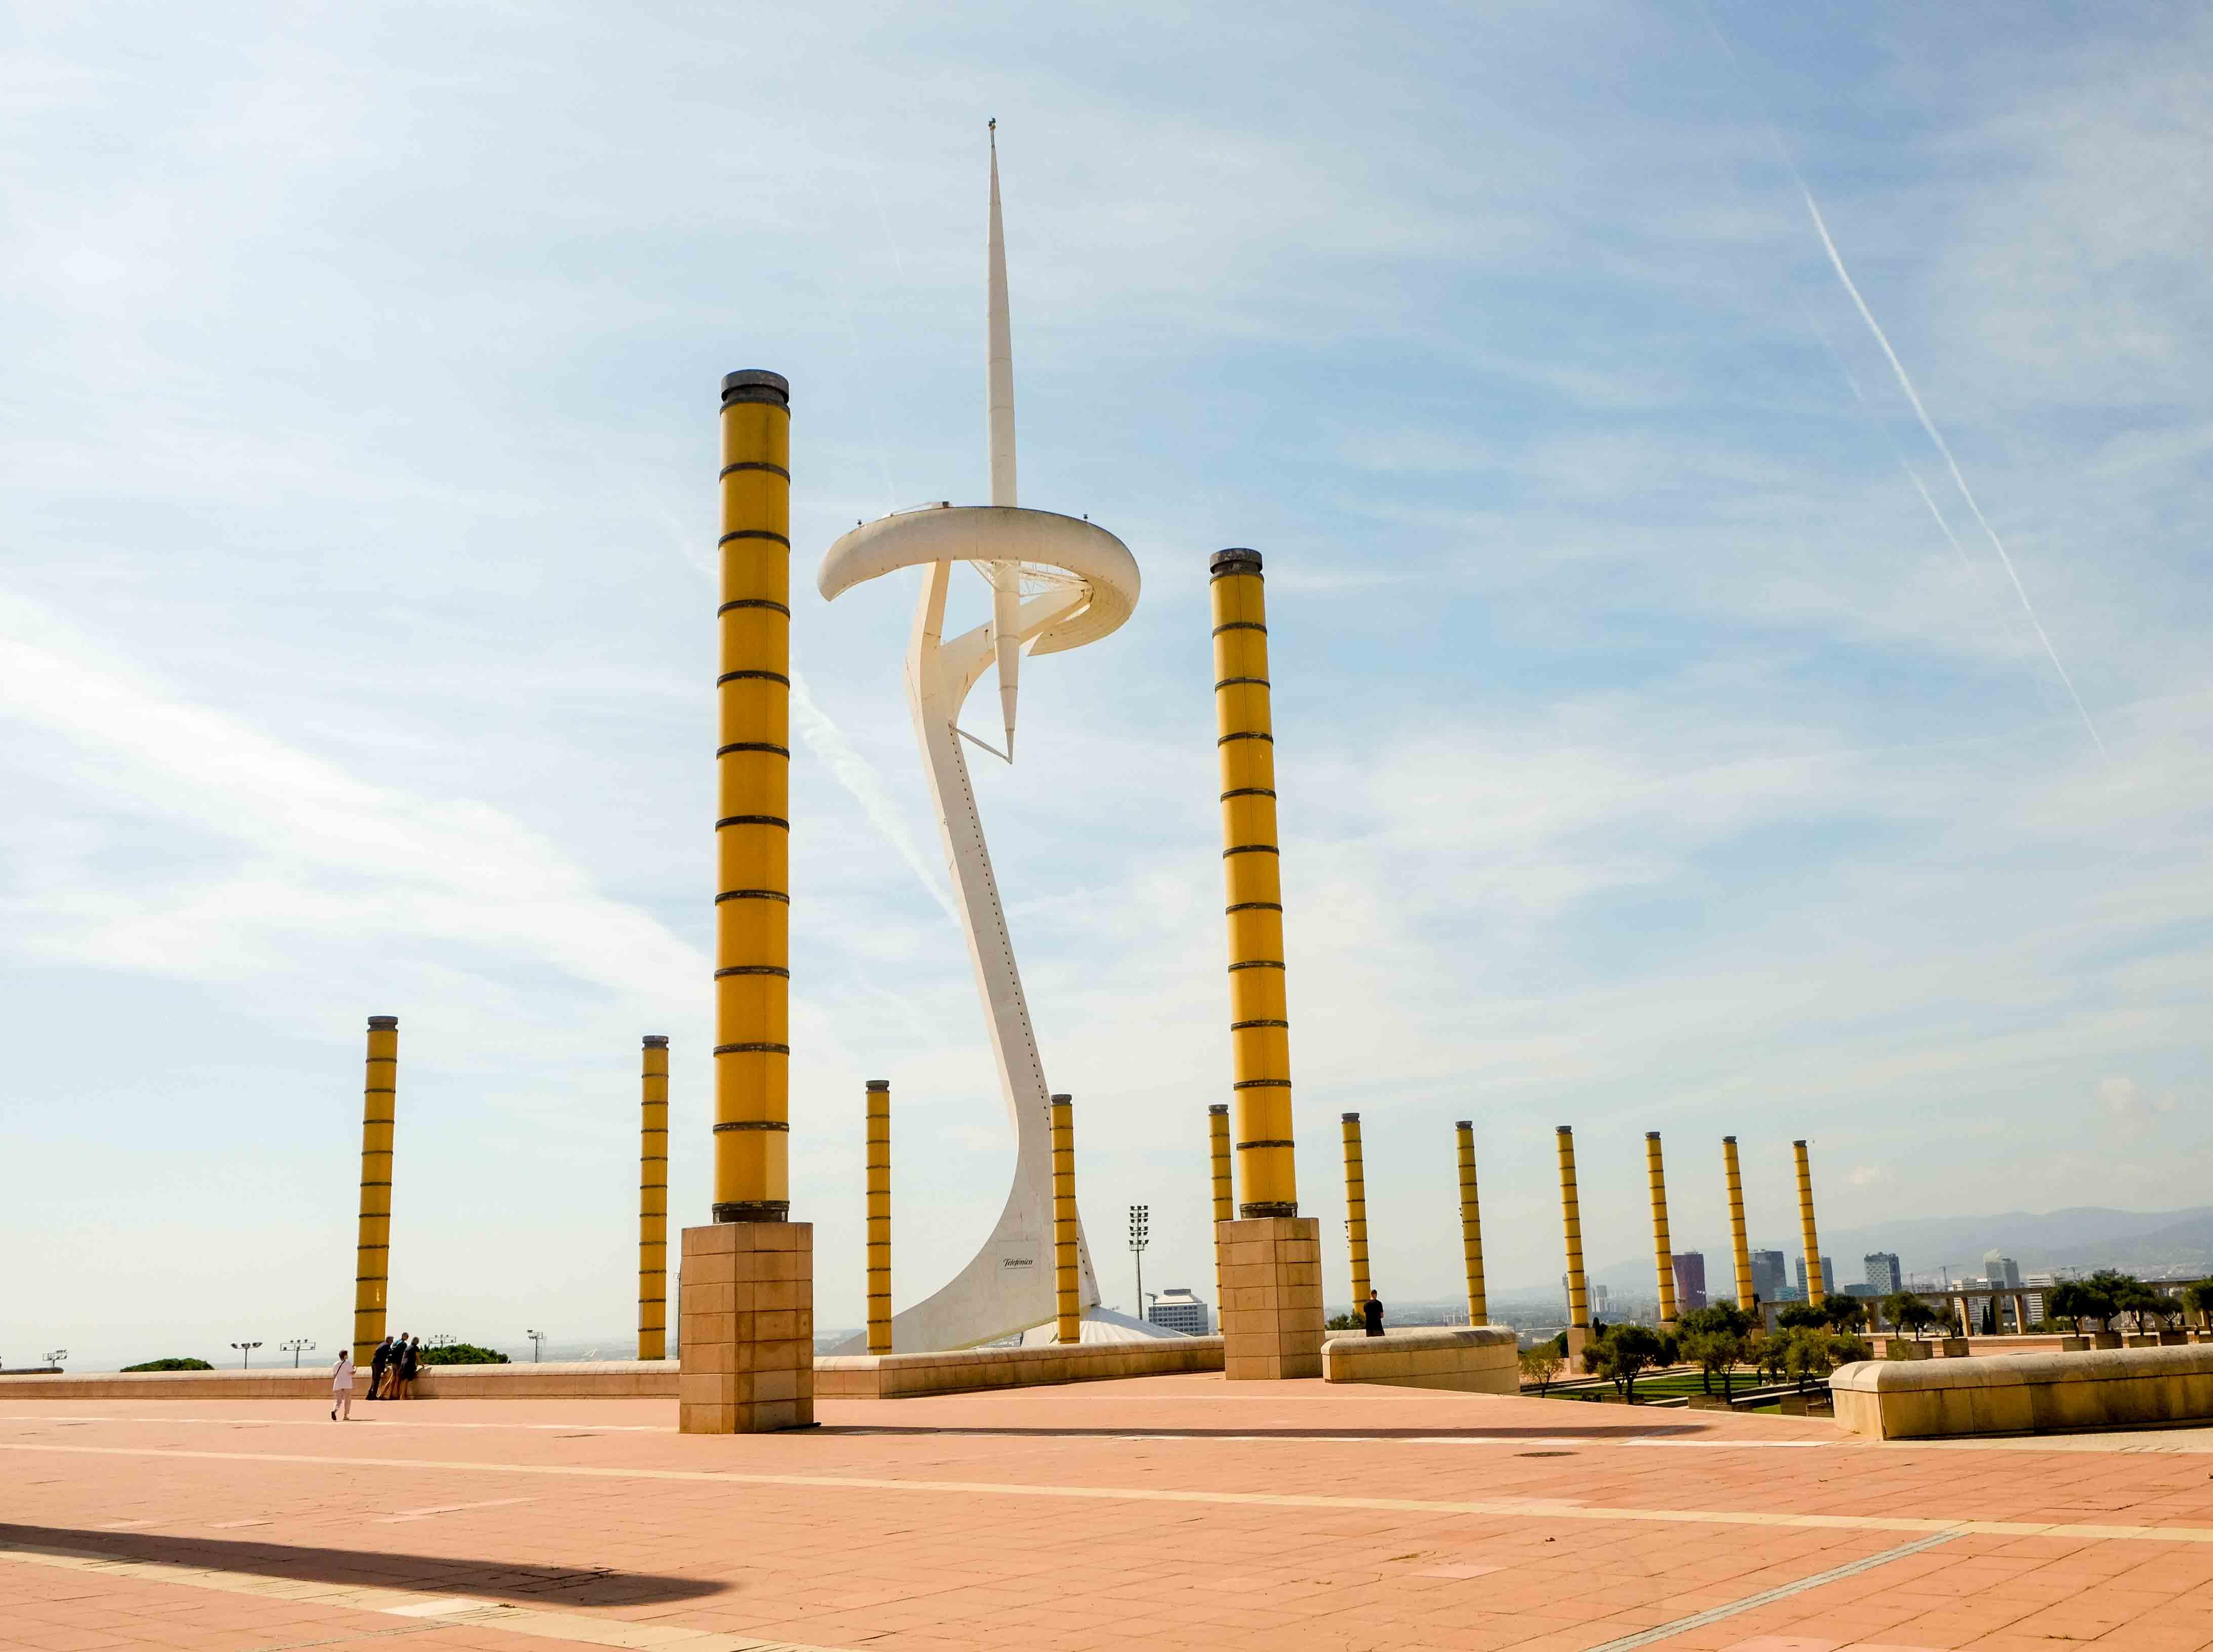 башня калатравы барселона фото